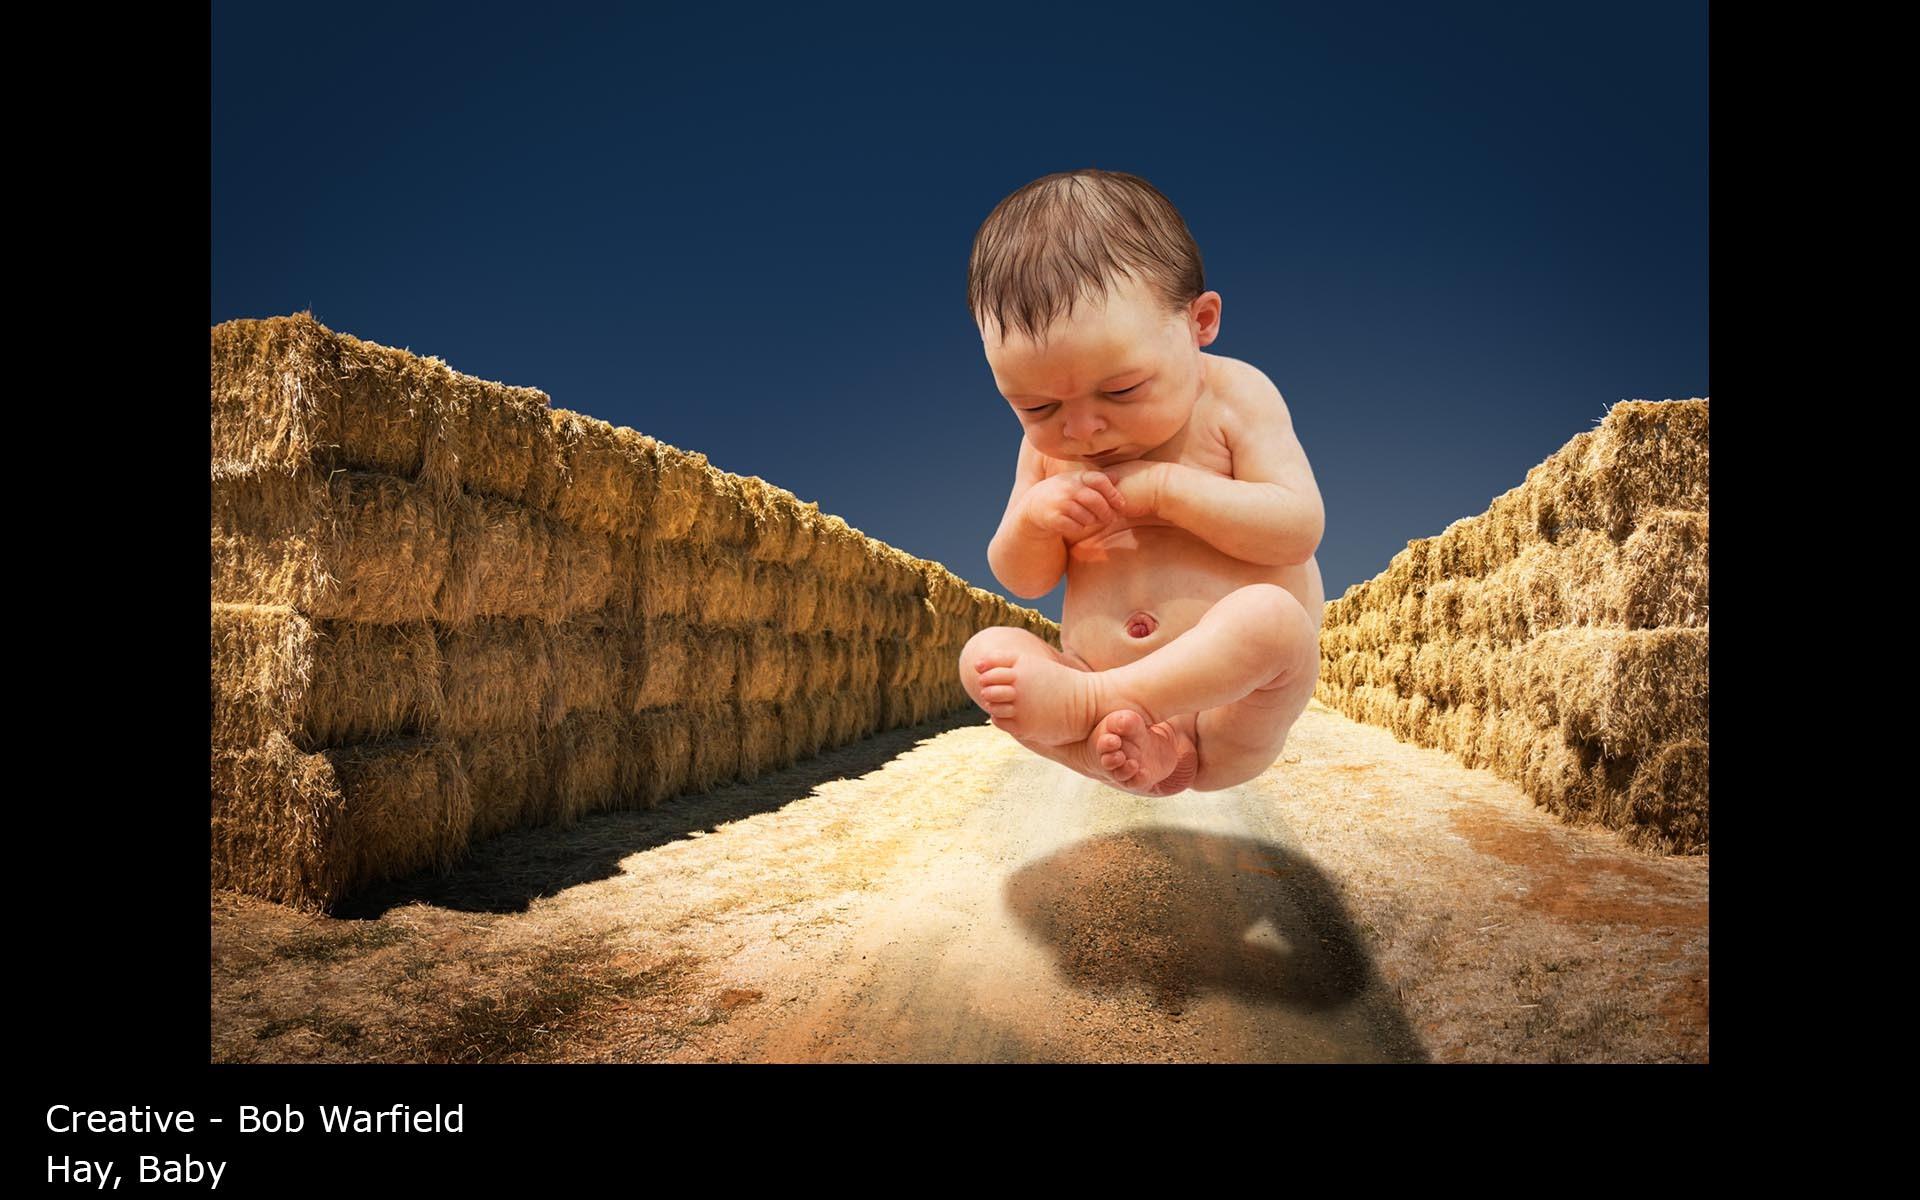 Hay, Baby - Bob Warfield